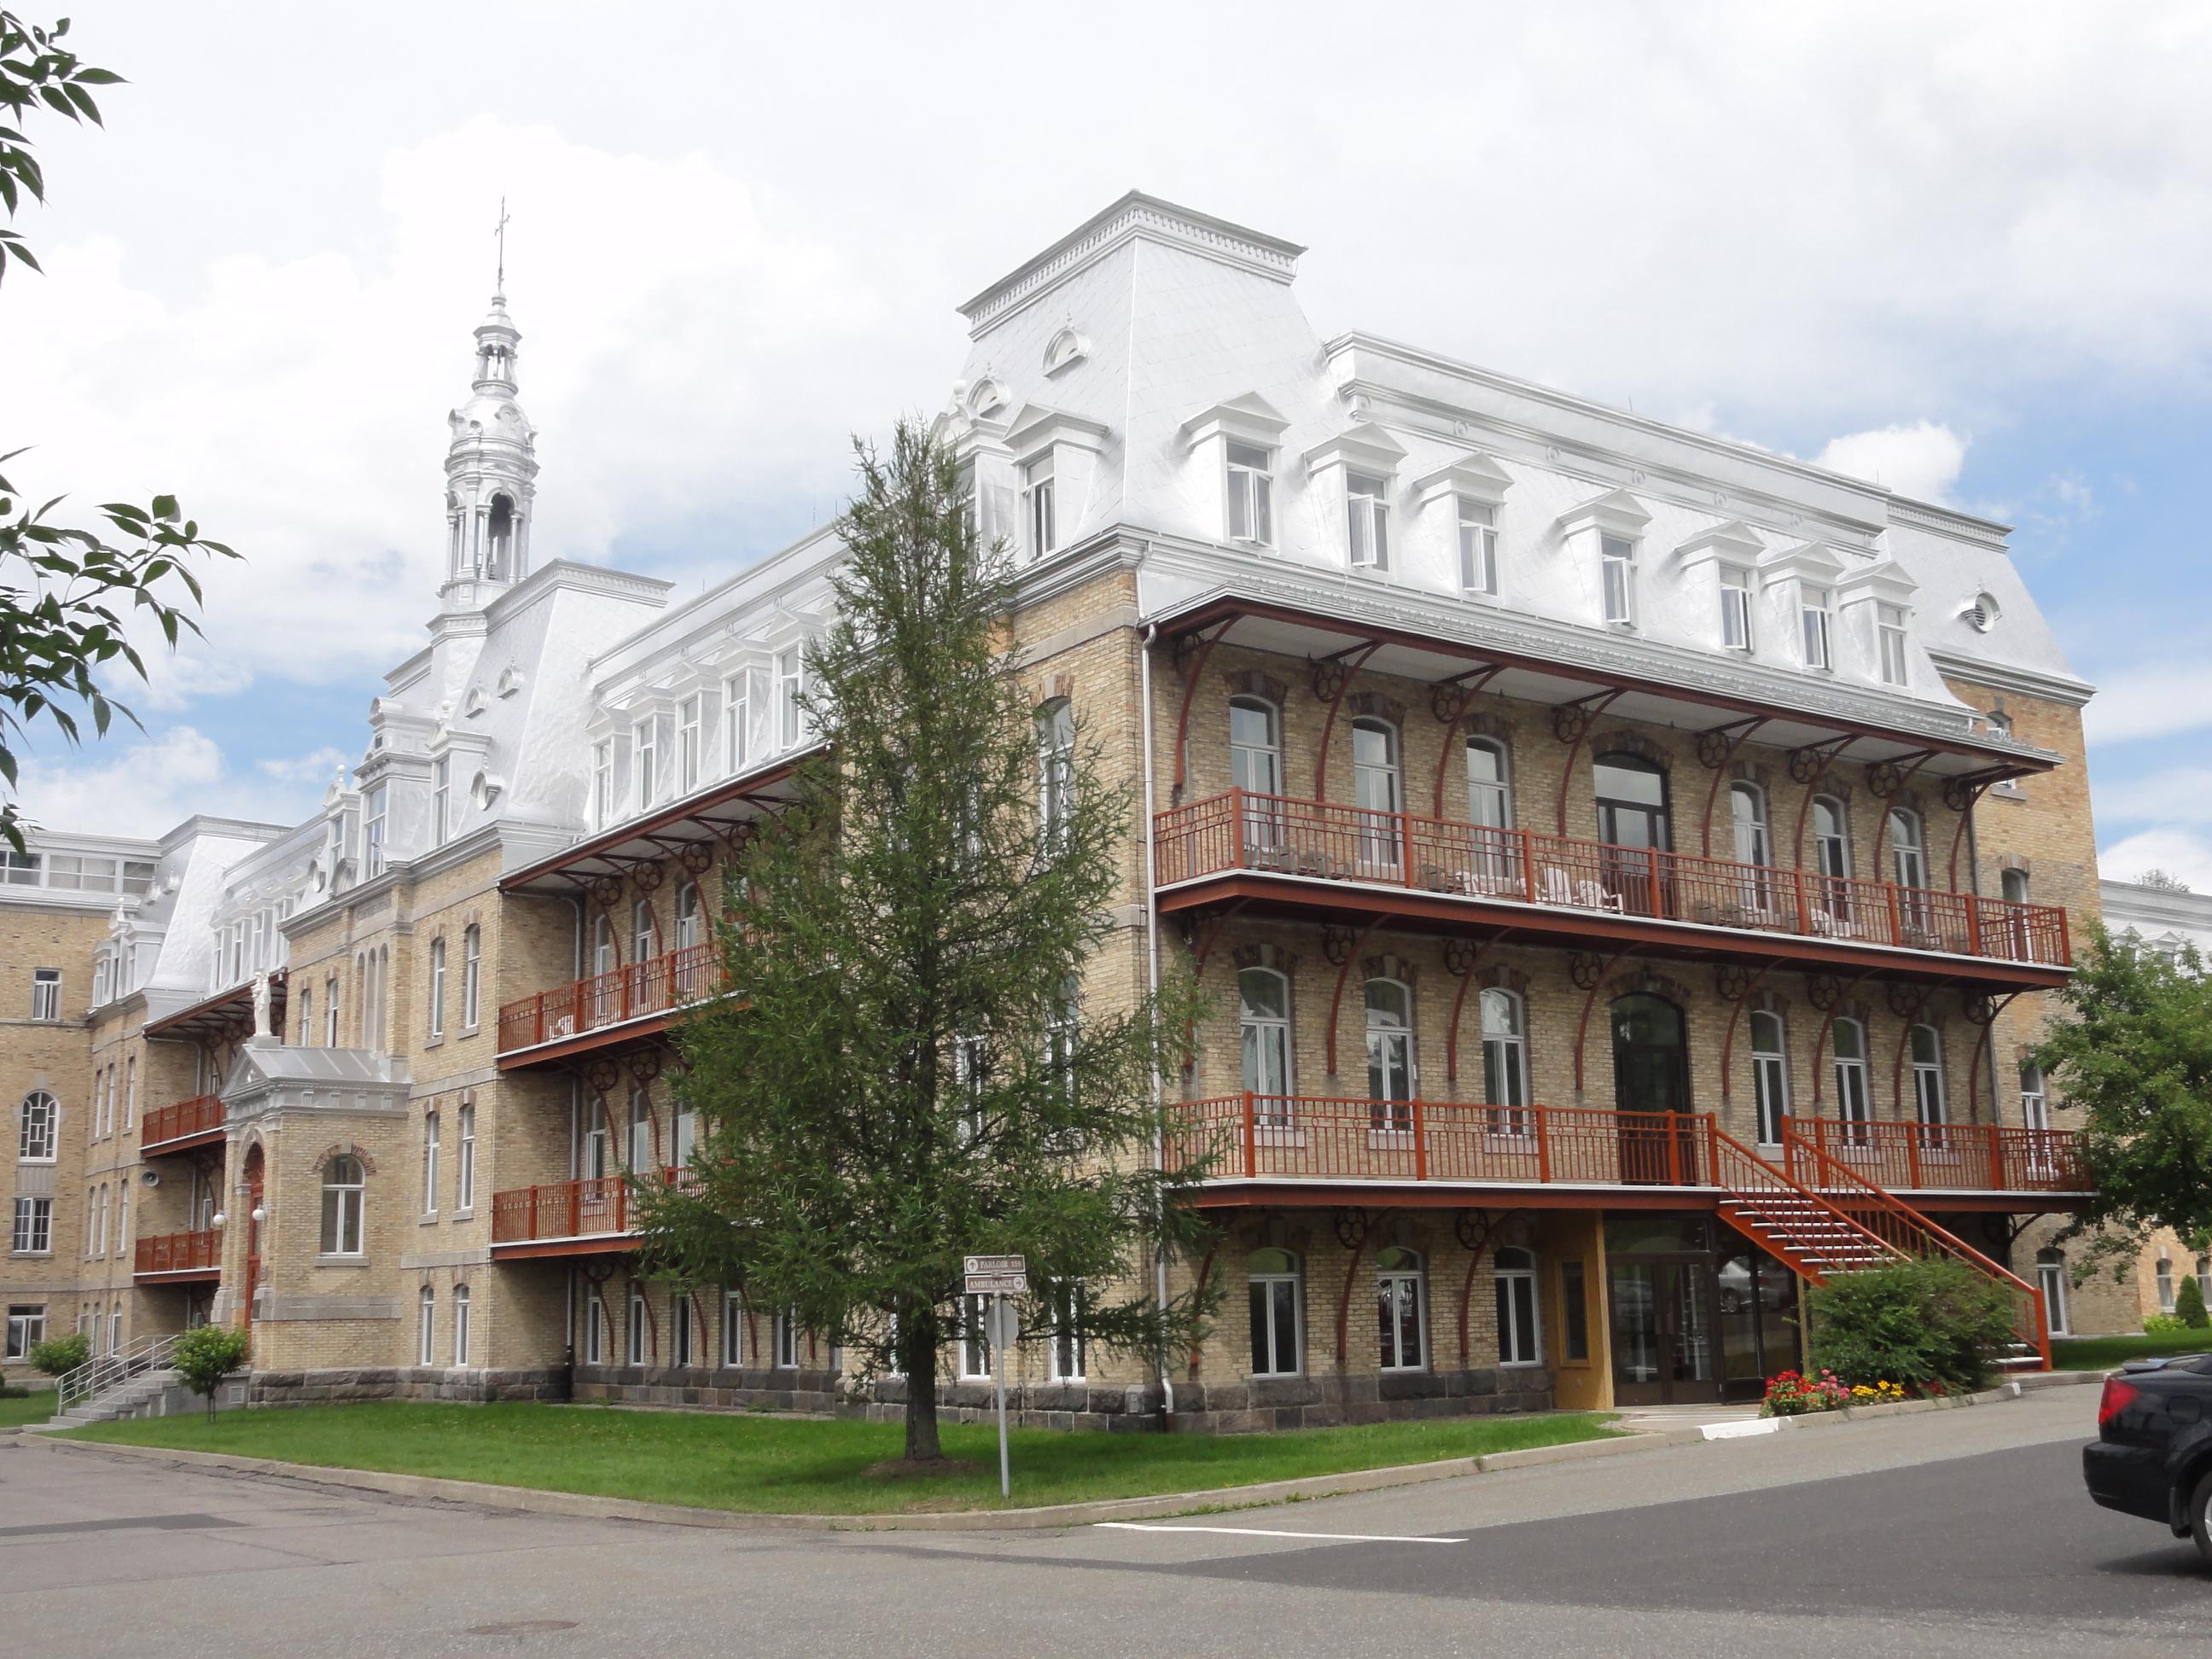 Maison mère et couvent des Sœurs Notre-Dame-du-Perpétuel-Secours. Élisabeth Lapointe 2011, Société historique de Bellechasse